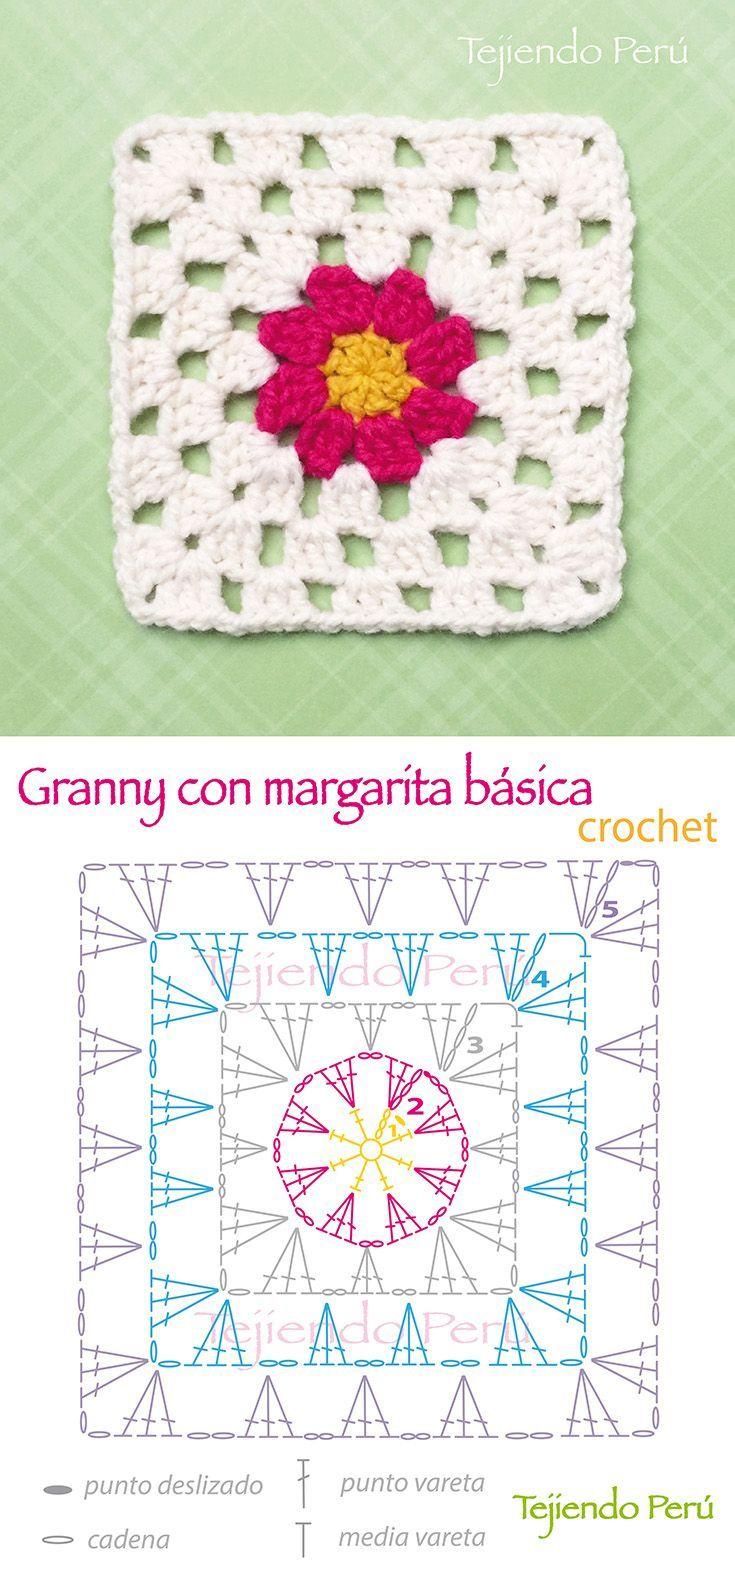 Imagen relacionada | patrones crochet | Ganchillo, Croché y Patrones